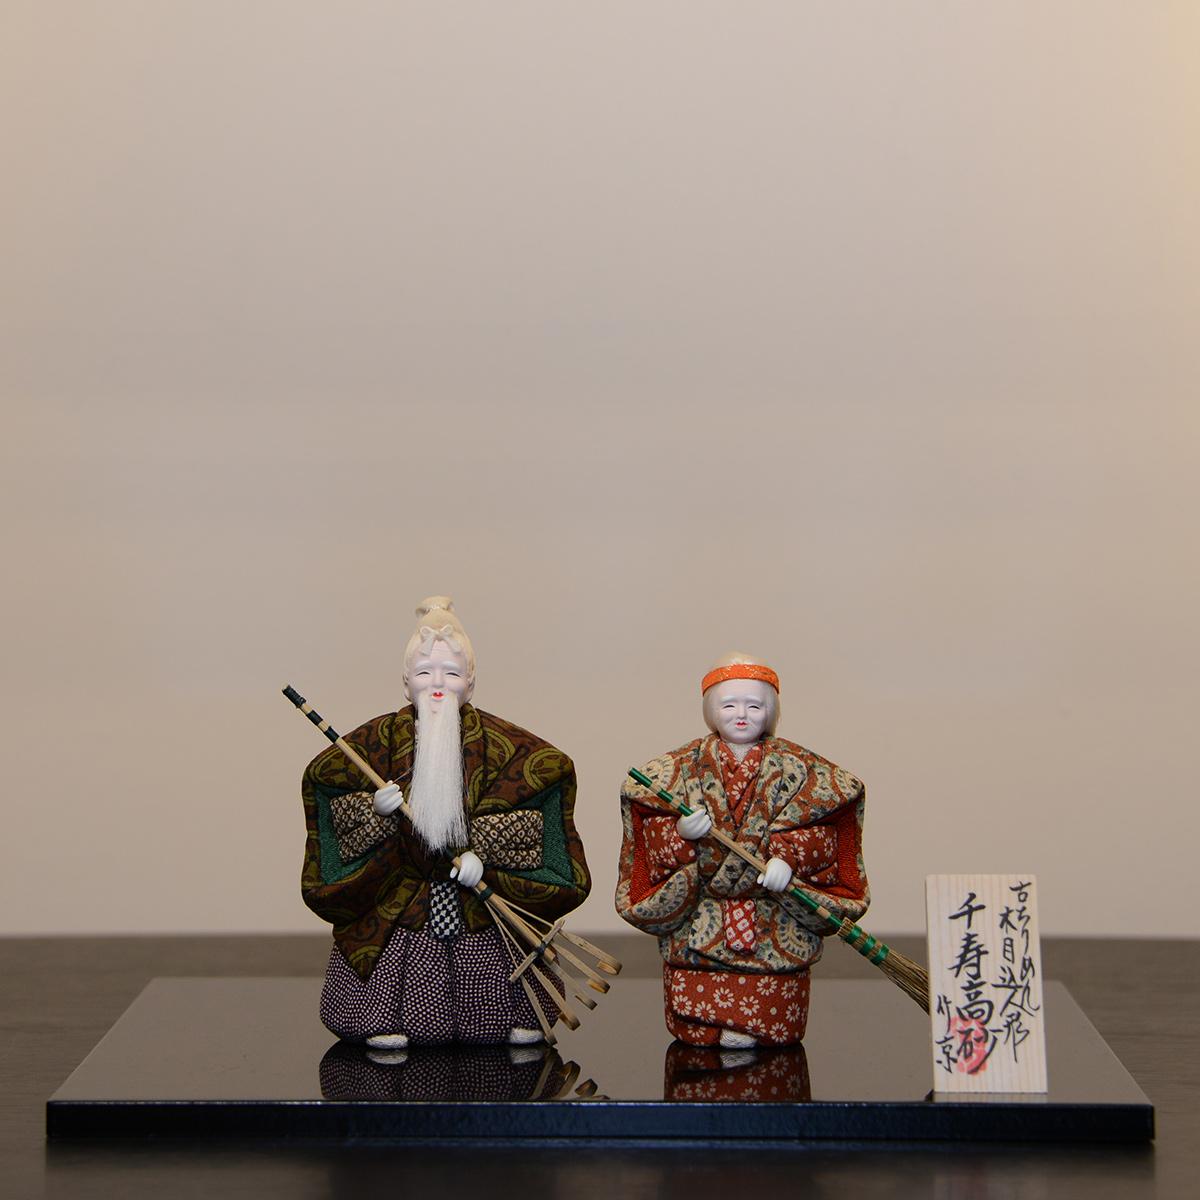 千寿高砂・木目込み人形【京都くろちく和雑貨】木目込人形【楽ギフ_のし】